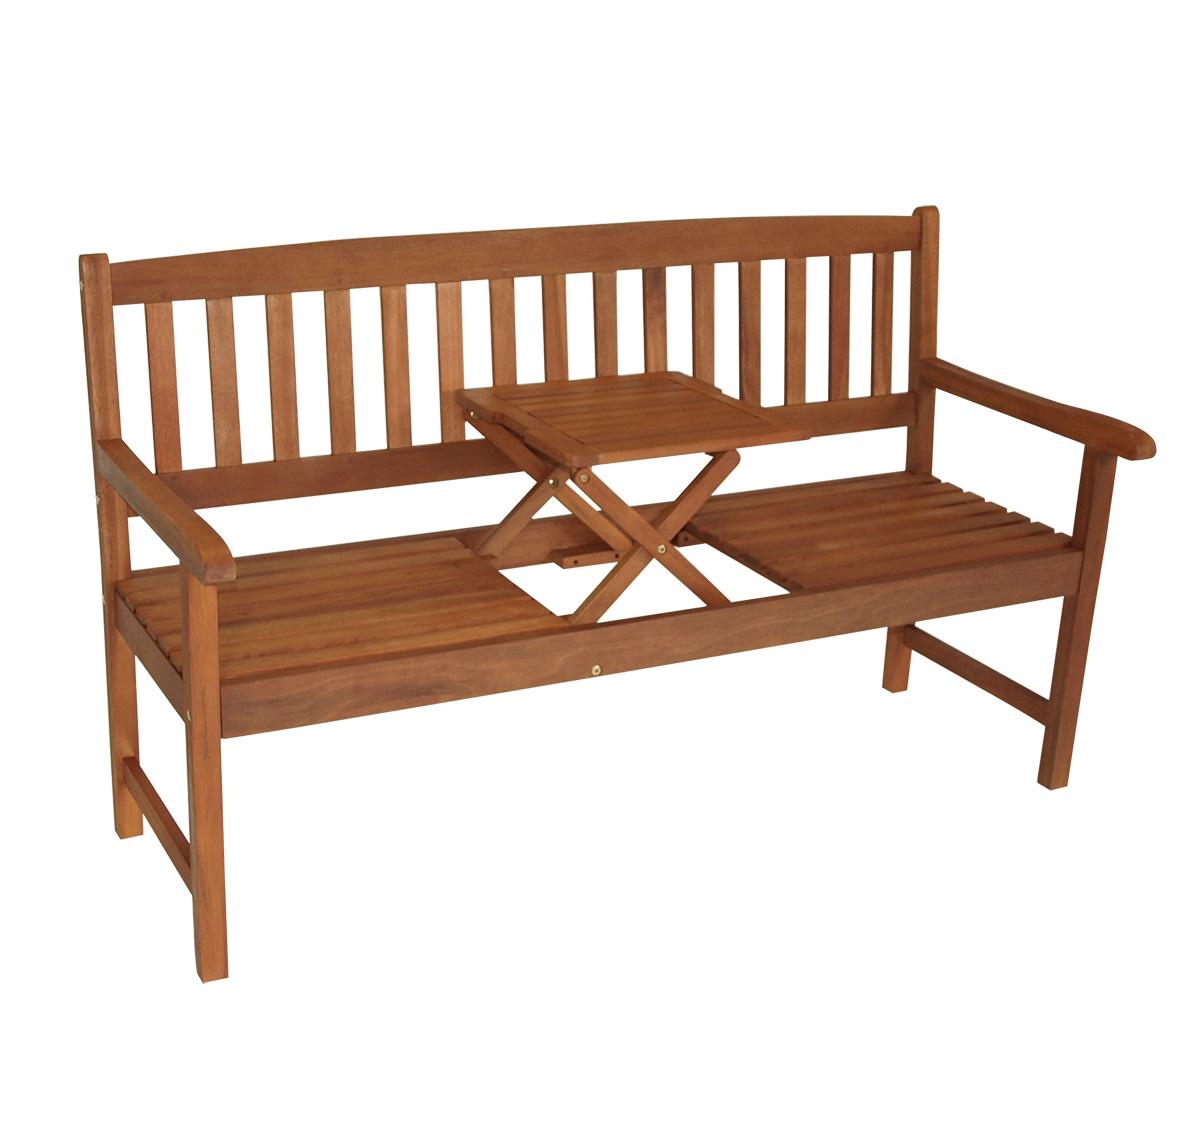 gartenbank parkbank gartenm bel bank mit klapptisch saigon 3 sitzer 2 wahl ebay. Black Bedroom Furniture Sets. Home Design Ideas